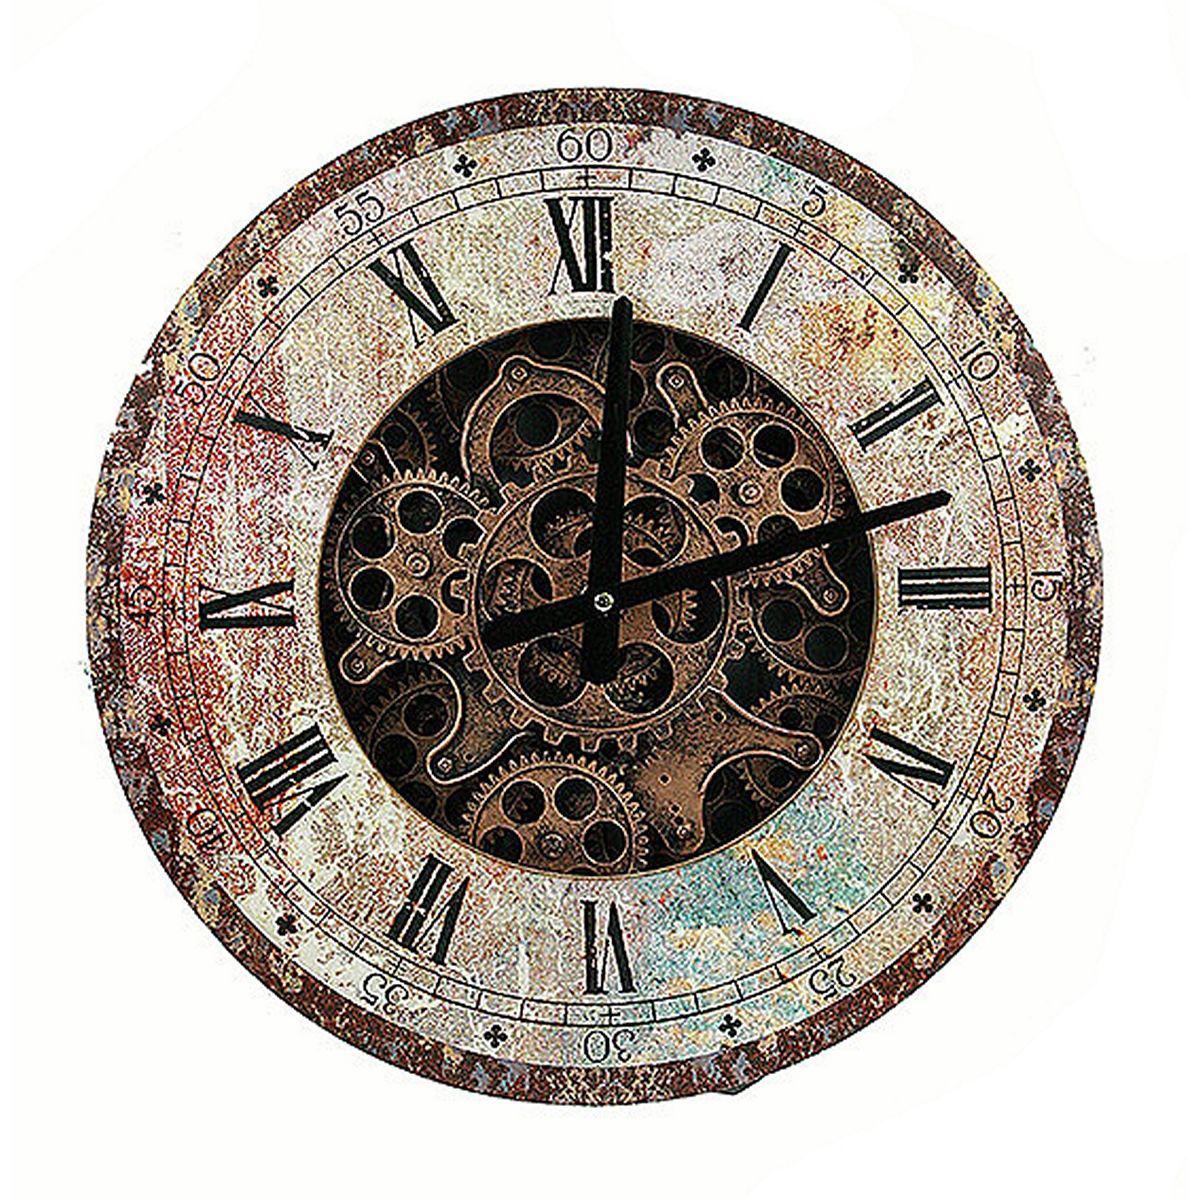 Часы настенные Русские Подарки, 40 х 40 х 7 см. 3478734787Настенные кварцевые часы Русские Подарки изготовлены из МДФ. Корпус оформлен изображением больших и маленьких шестеренок часового механизма. Часы имеют две стрелки - часовую и минутную. С обратной стороны имеется петелька для подвешивания на стену. Изящные часы красиво и оригинально оформят интерьер дома или офиса. Также часы могут стать уникальным, полезным подарком для родственников, коллег, знакомых и близких.Часы работают от батареек типа АА (в комплект не входят).